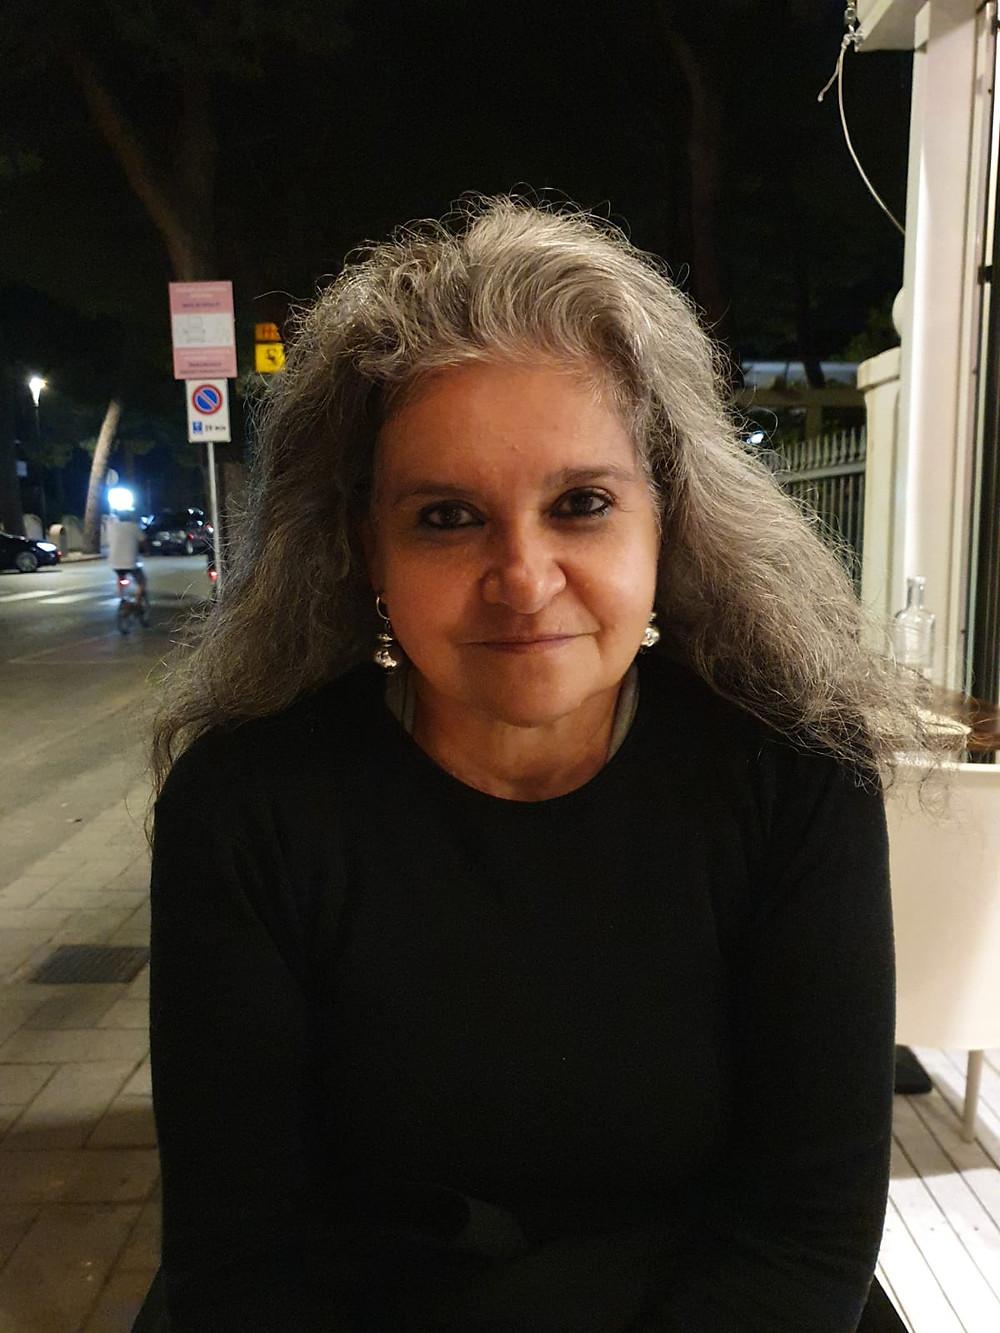 Paola Mattioli, scrivere per me ha valenza essenziale   Angela Pensabene